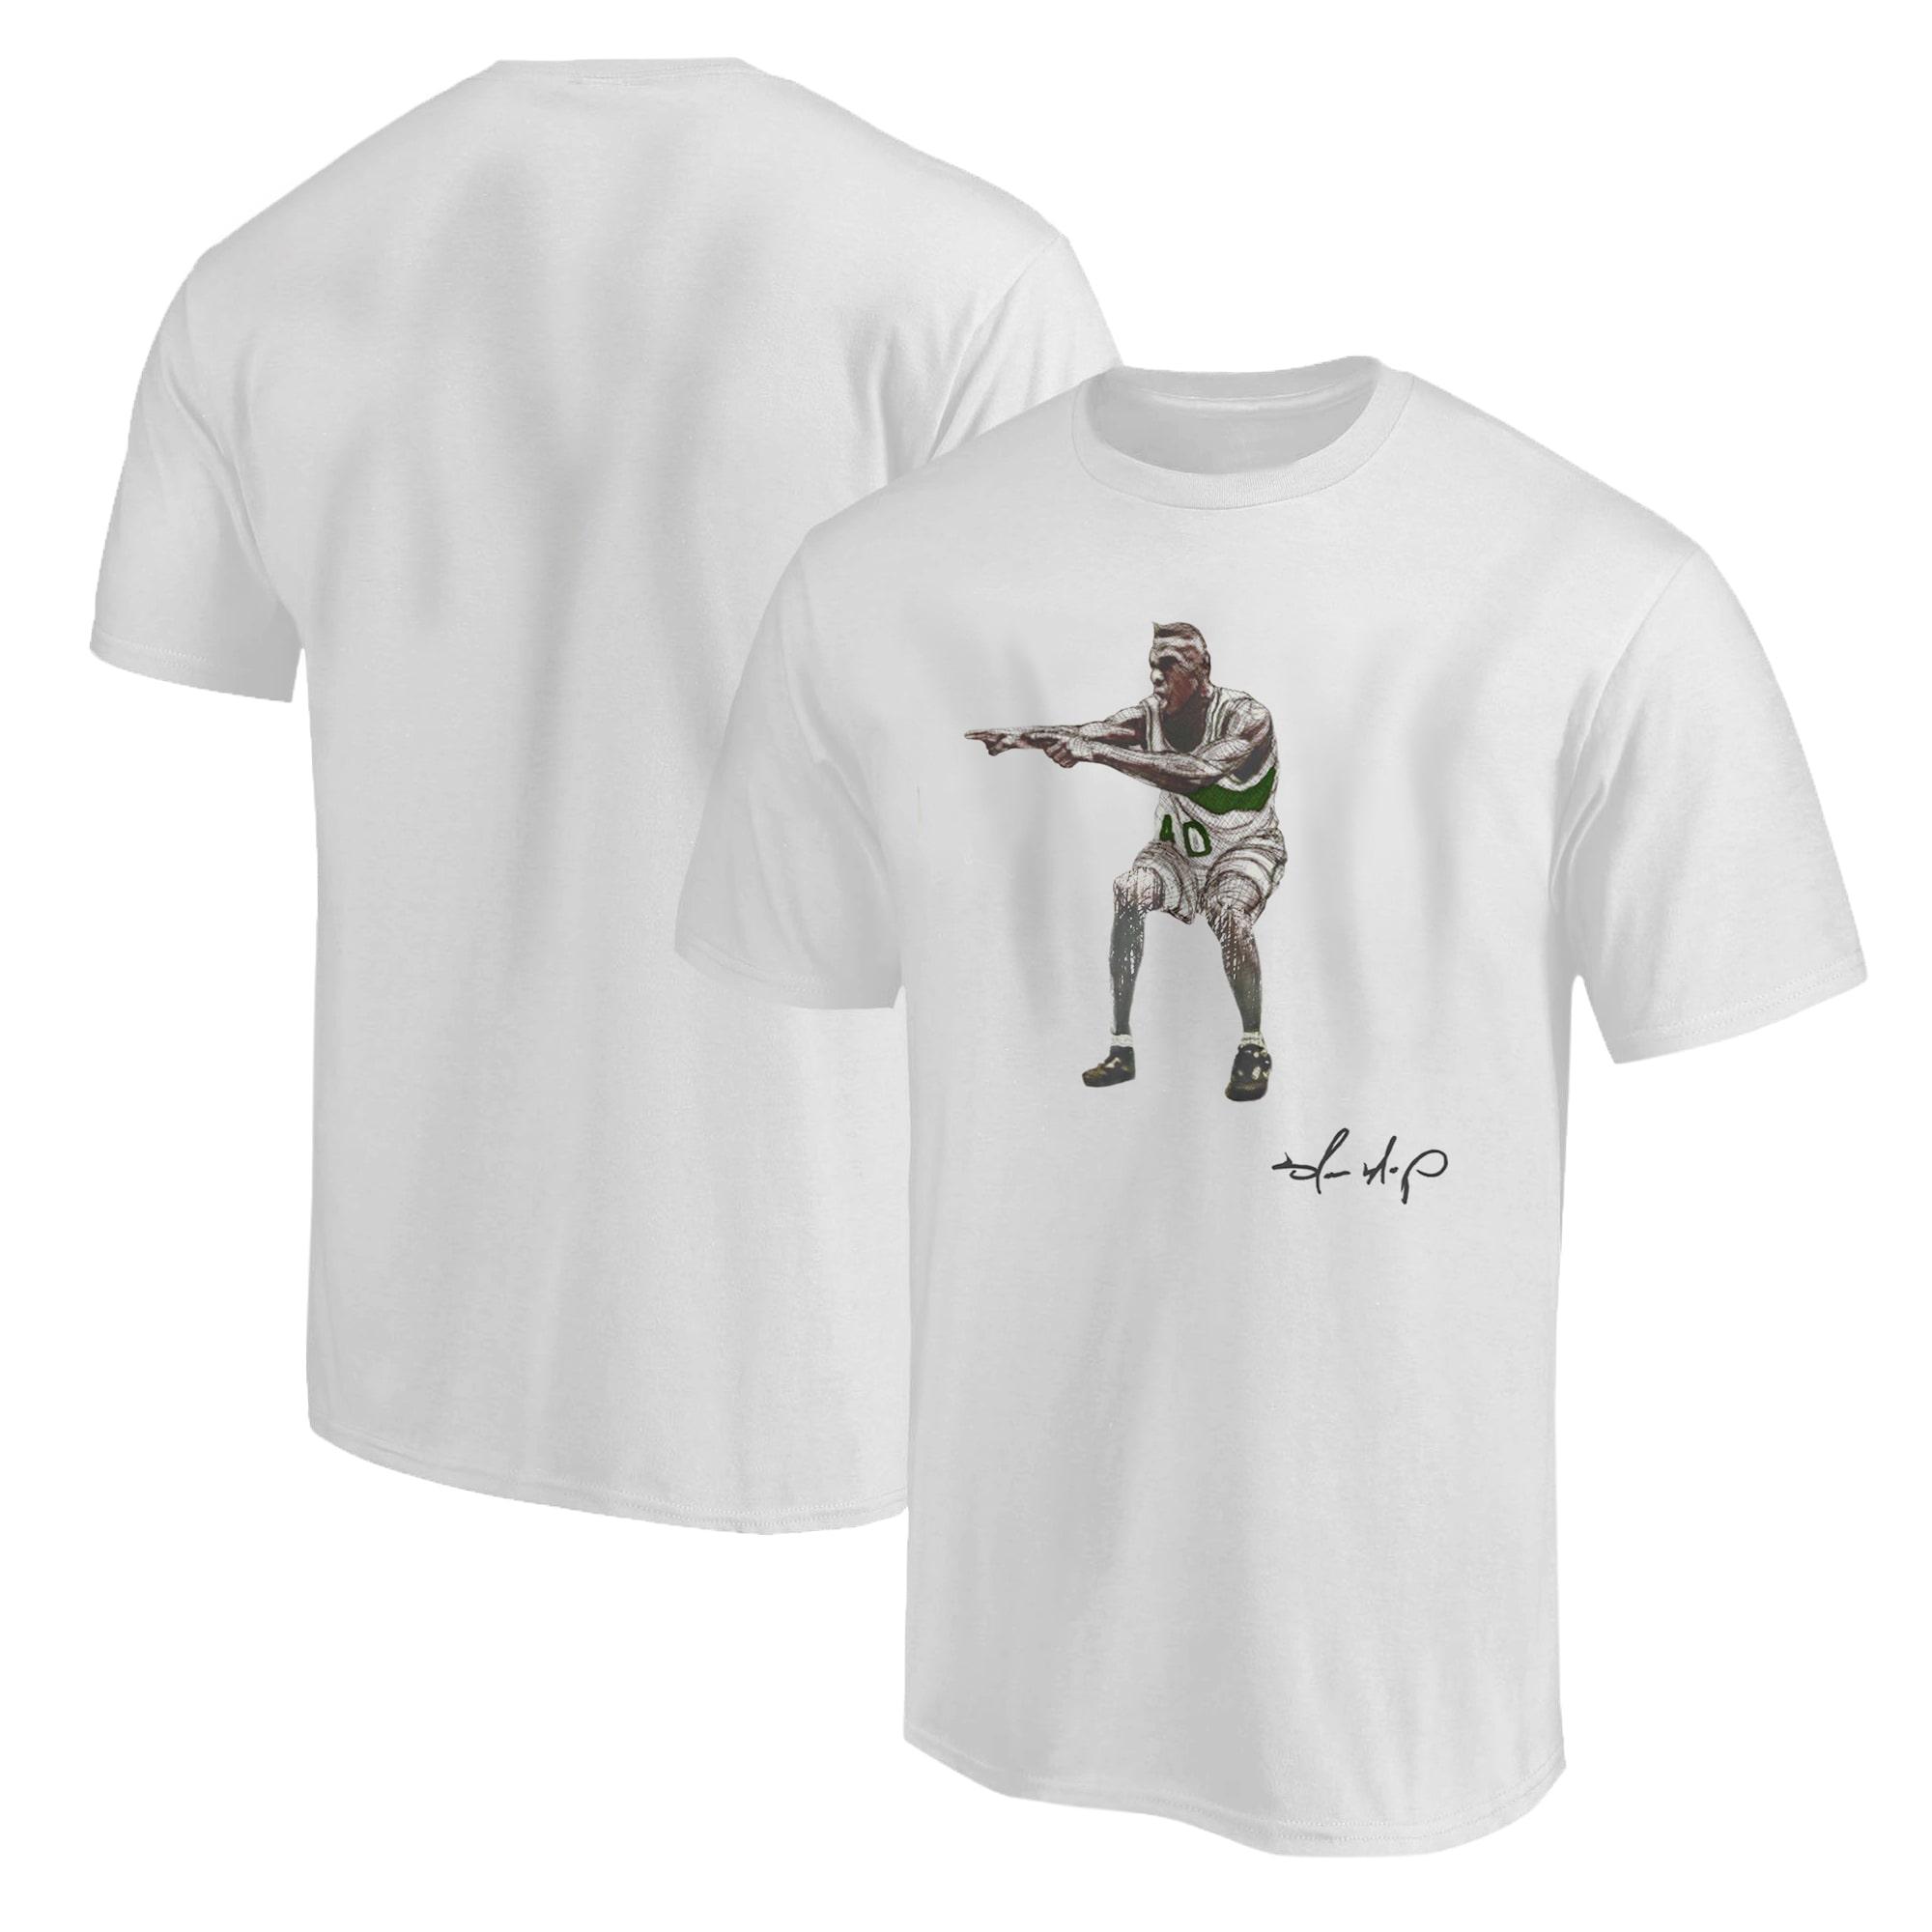 Shawn Kemp Tshirt (TSH-WHT-NP-PLYR-Shawn.Kemp-538)